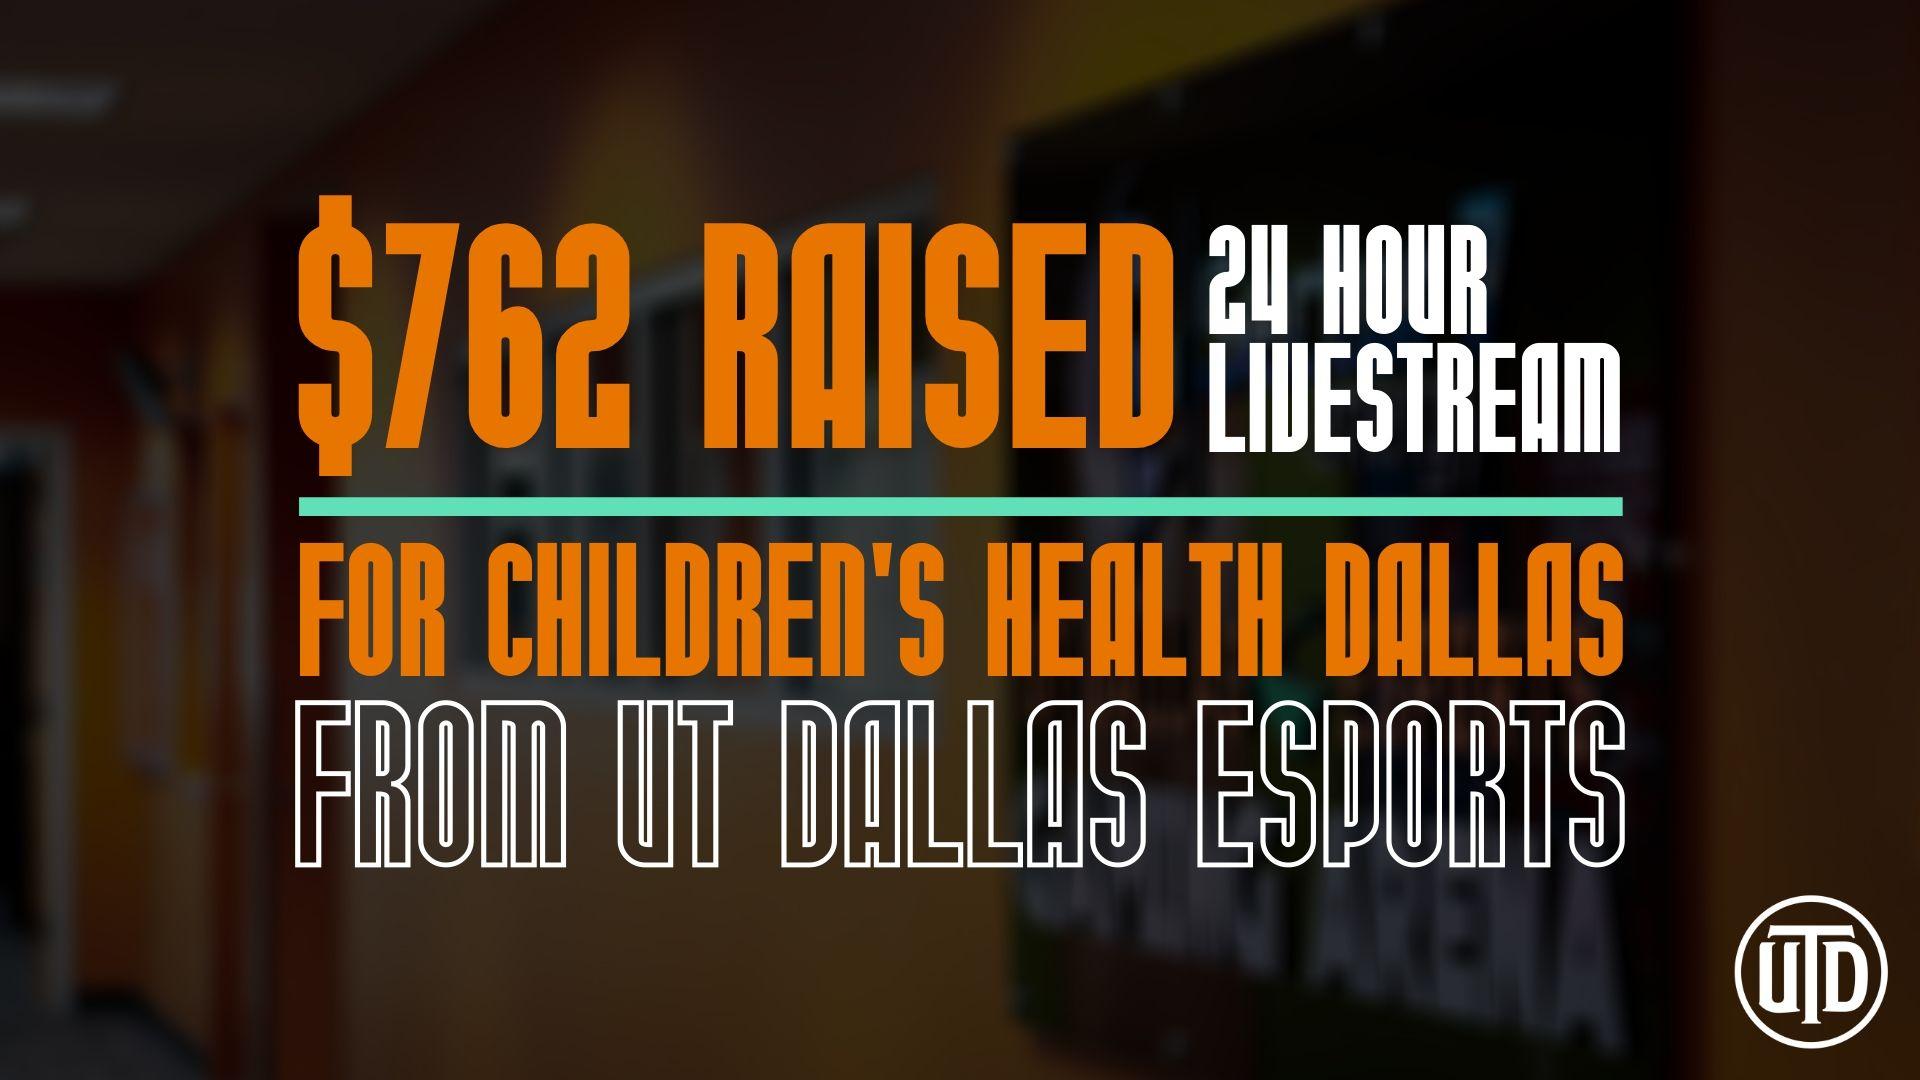 $762 Raised For Children's Health Dallas By UT Dallas Esports